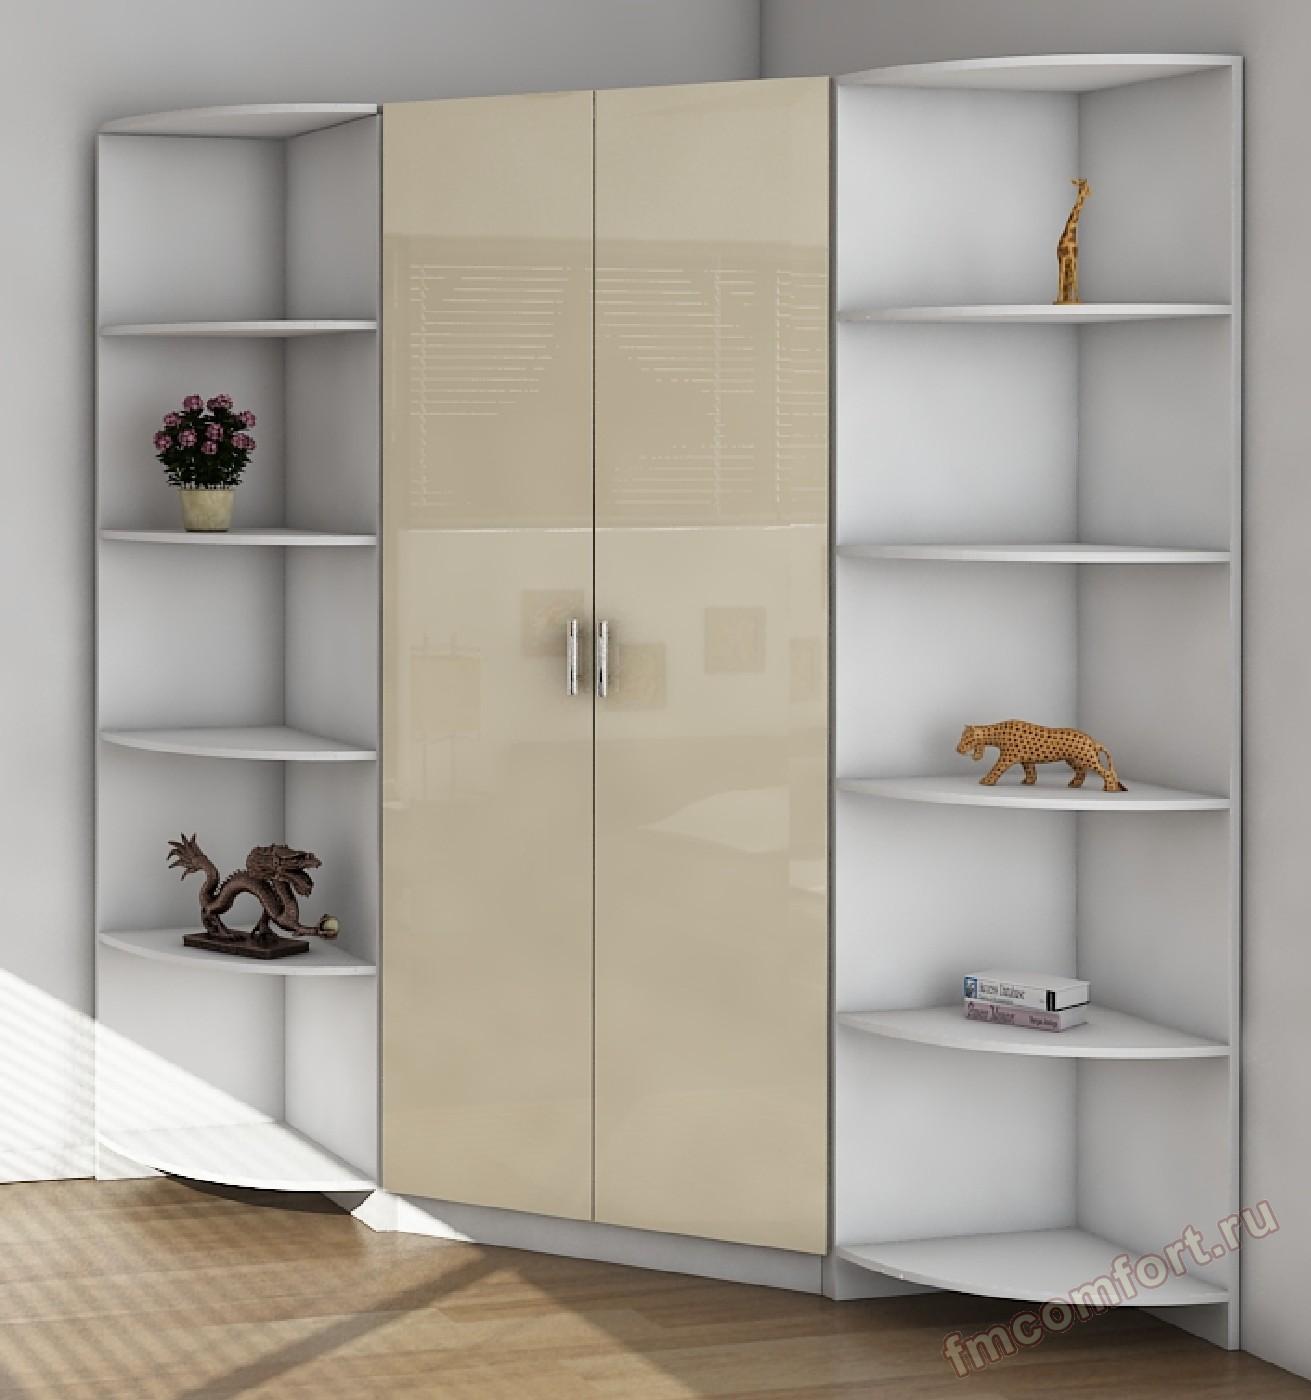 Шкаф меркурий люкс 15 - купить дешево от производителя! ката.